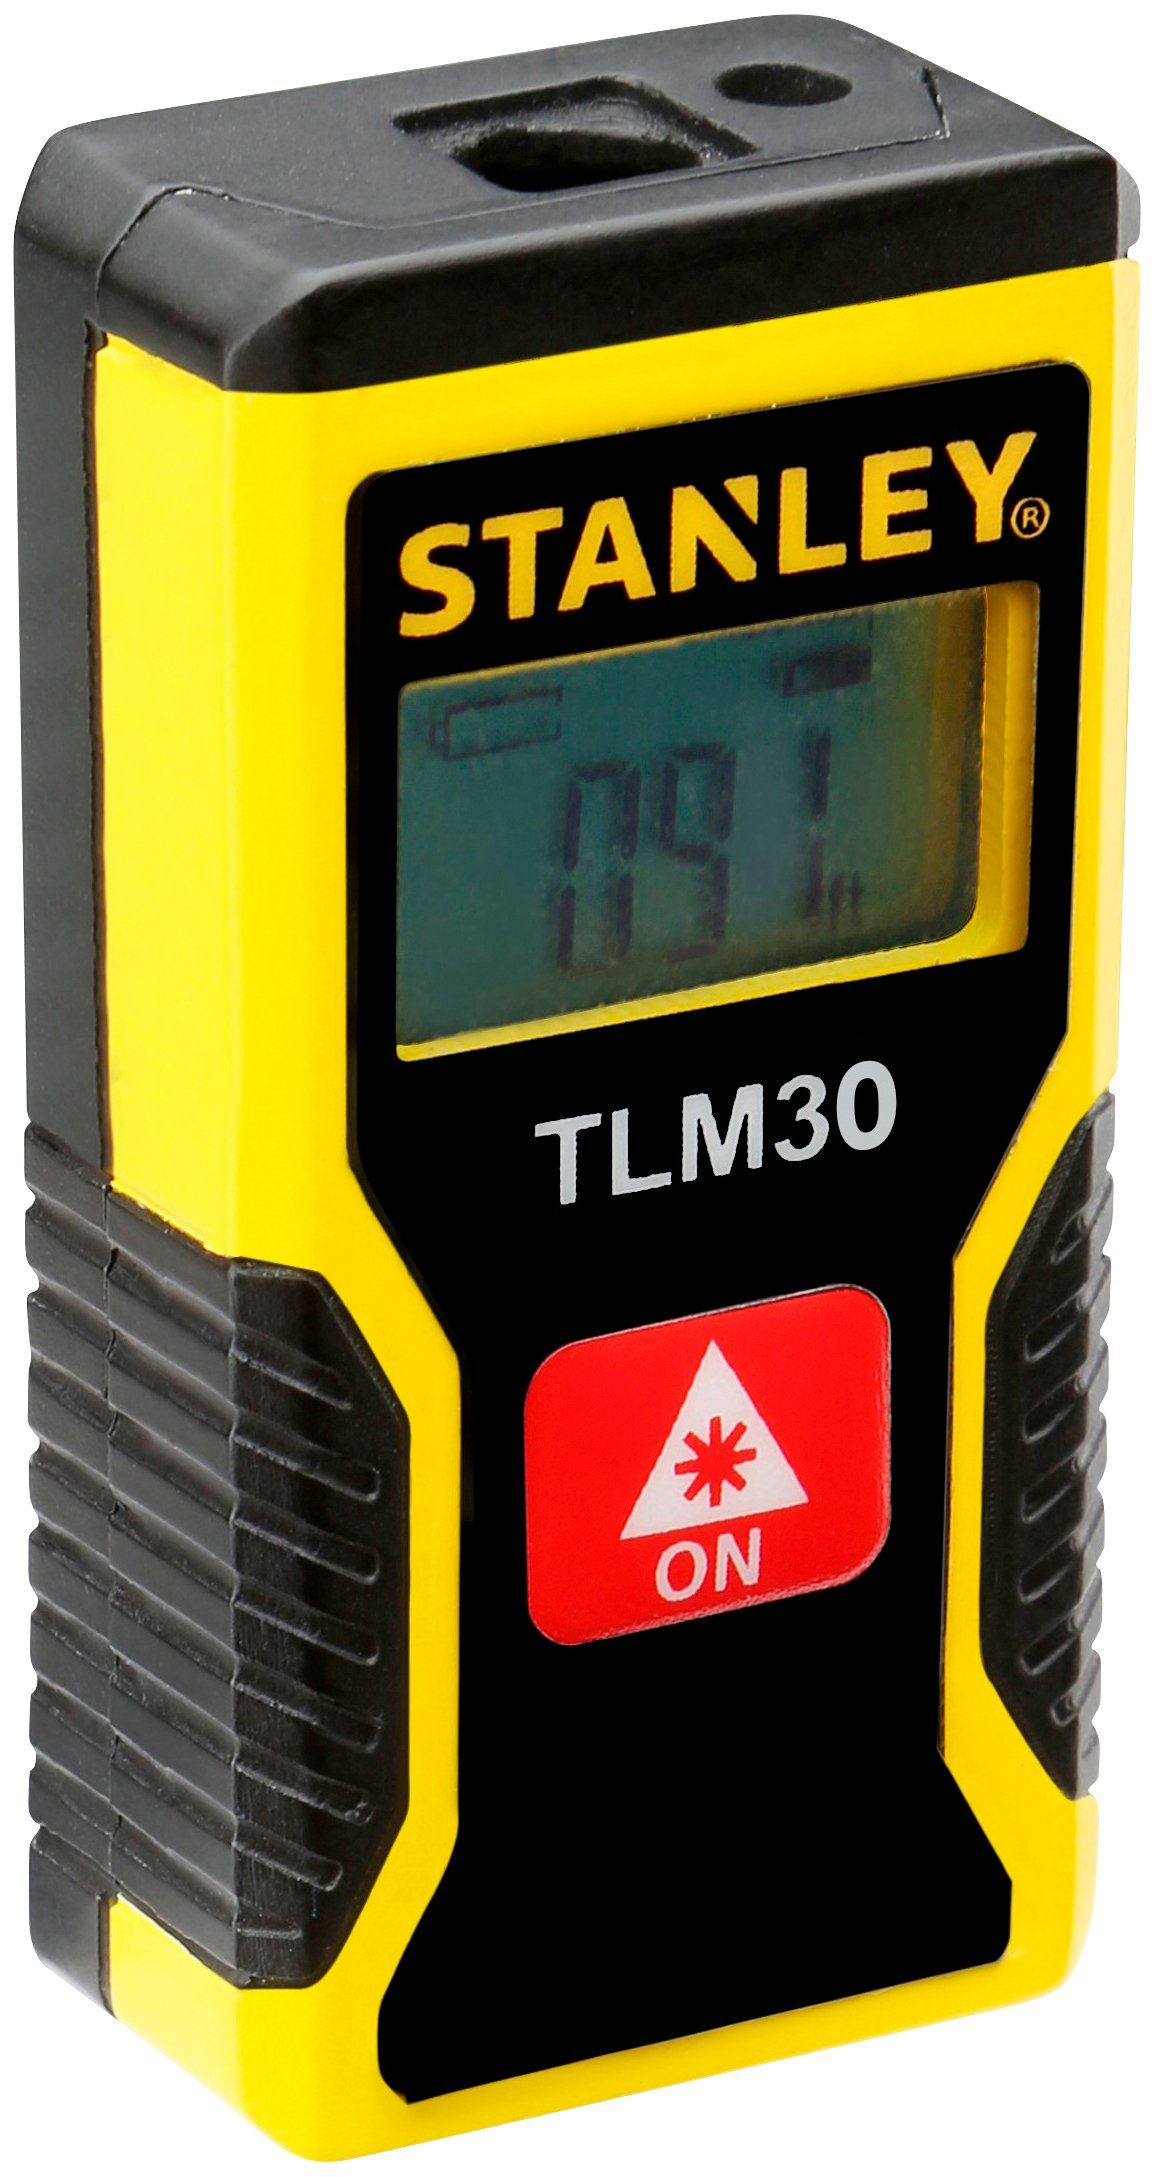 STANLEY Entfernungsmesser »TLM30«, mit integriertem Akku